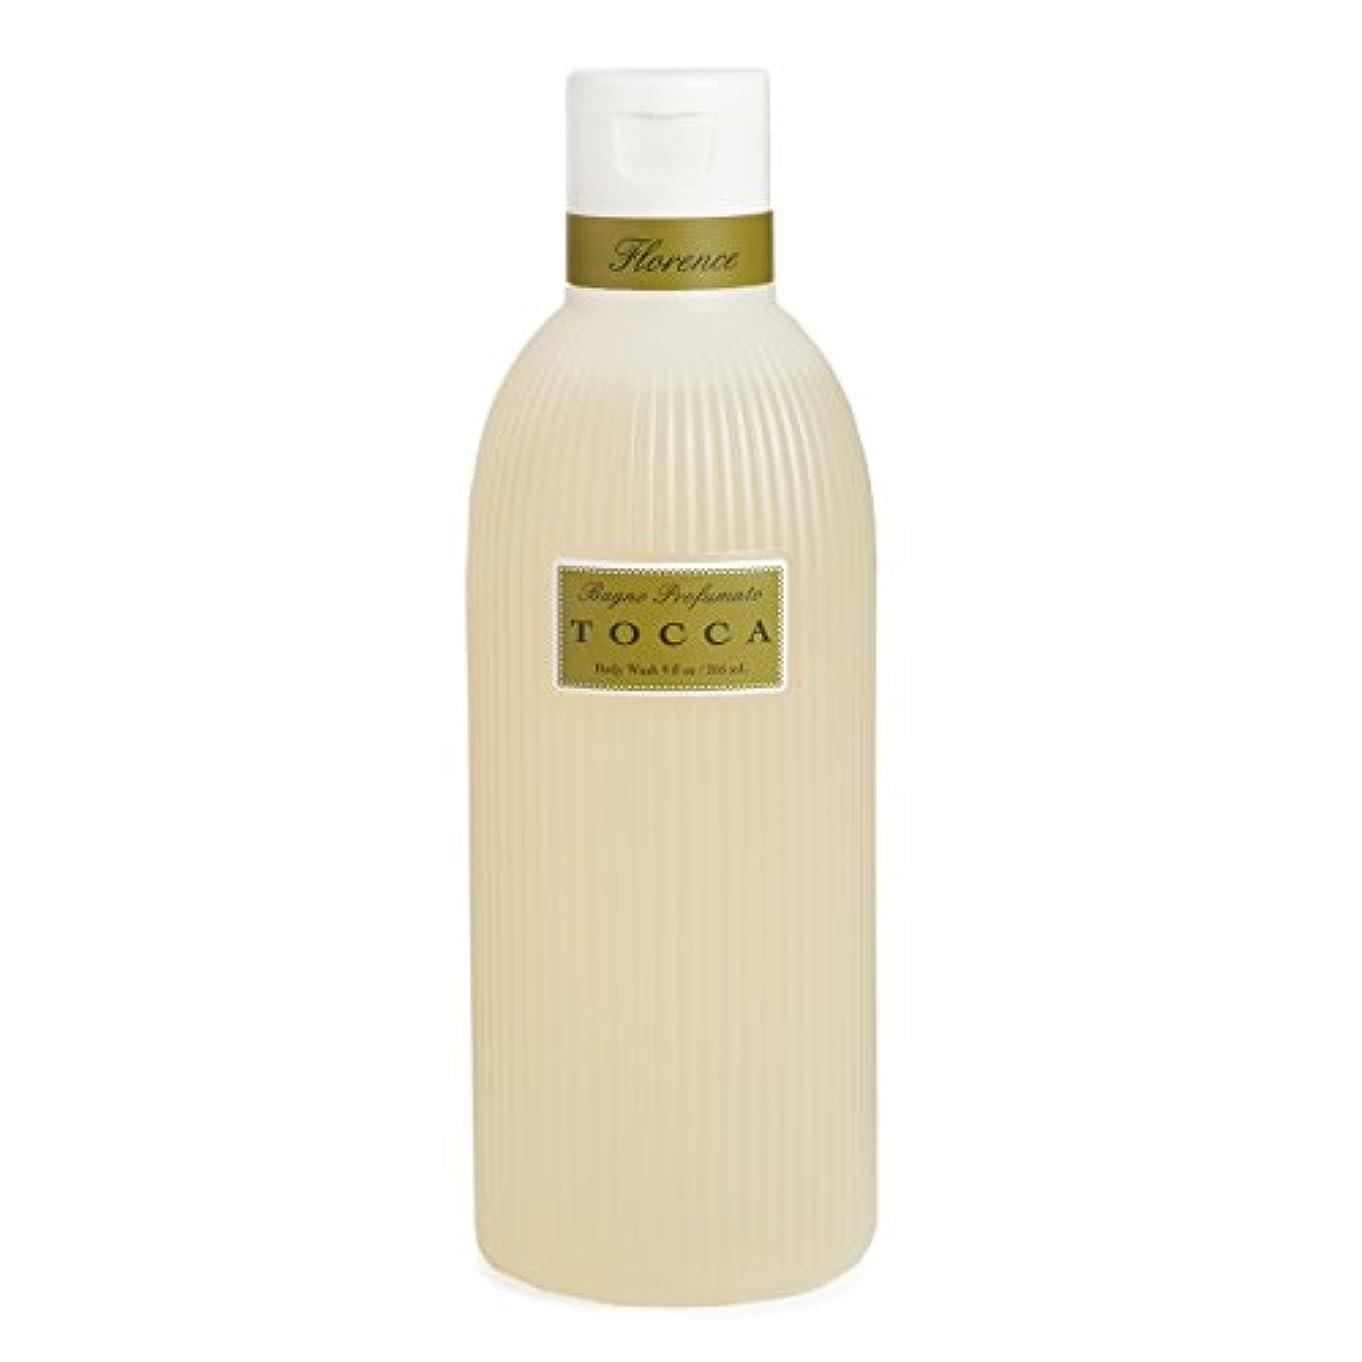 膨らませる認知運営トッカ(TOCCA) ボディーケアウォッシュ フローレンスの香り 266ml(全身用洗浄料 ボディーソープ ガーデニアとベルガモットが誘うように溶け合うどこまでも上品なフローラルの香り)